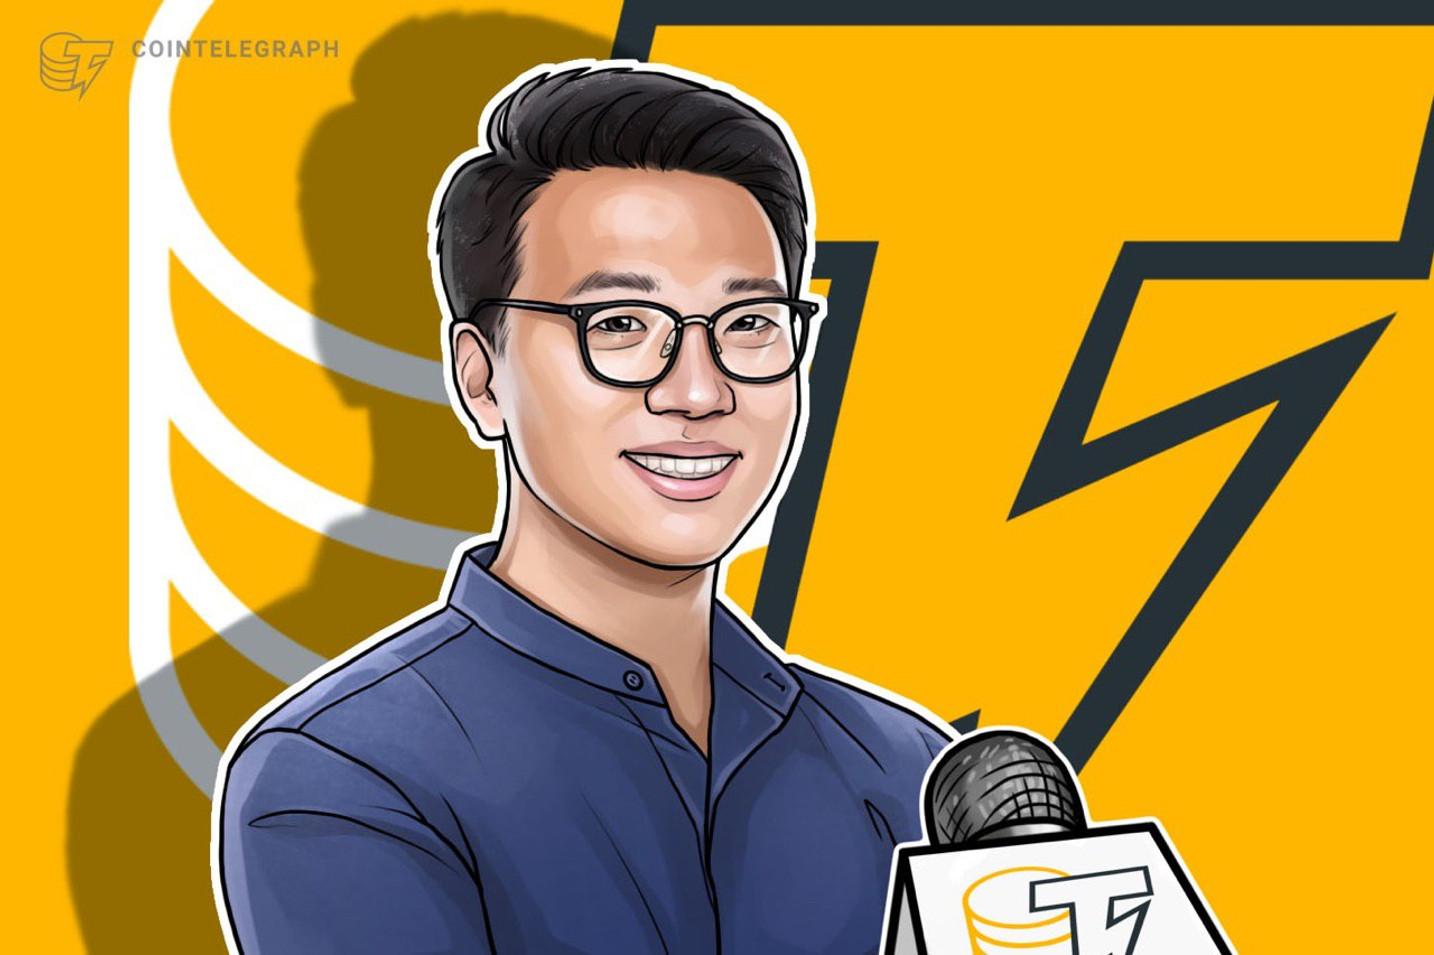 """Jefe de Marketing y Estrategia de FLETA : """"Con nosotros los desarrolladores podrán construir Dapps y juegos Blockchain con facilidad"""""""